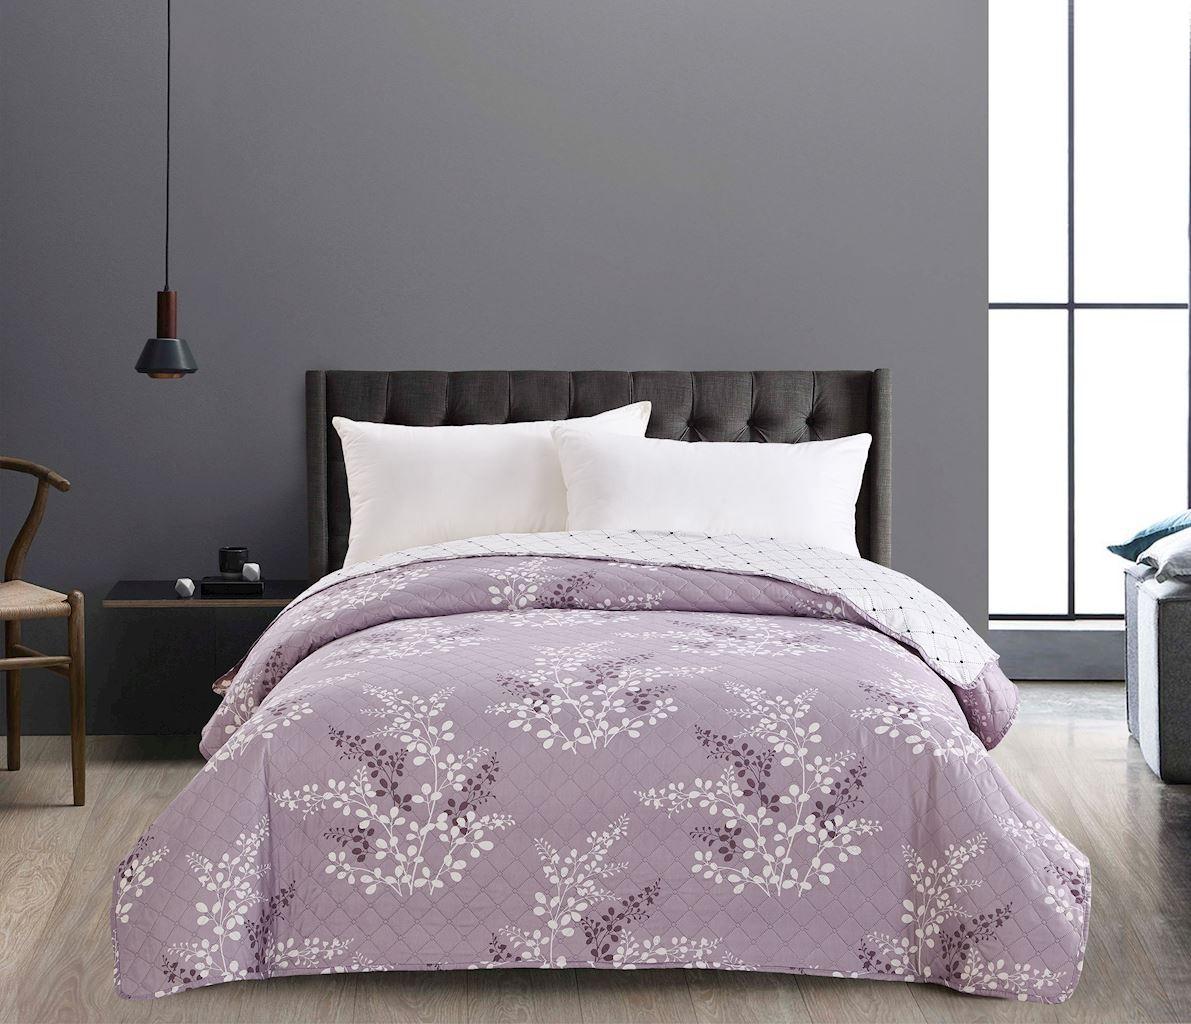 Kvalitní přehozy na postel fialové barvy